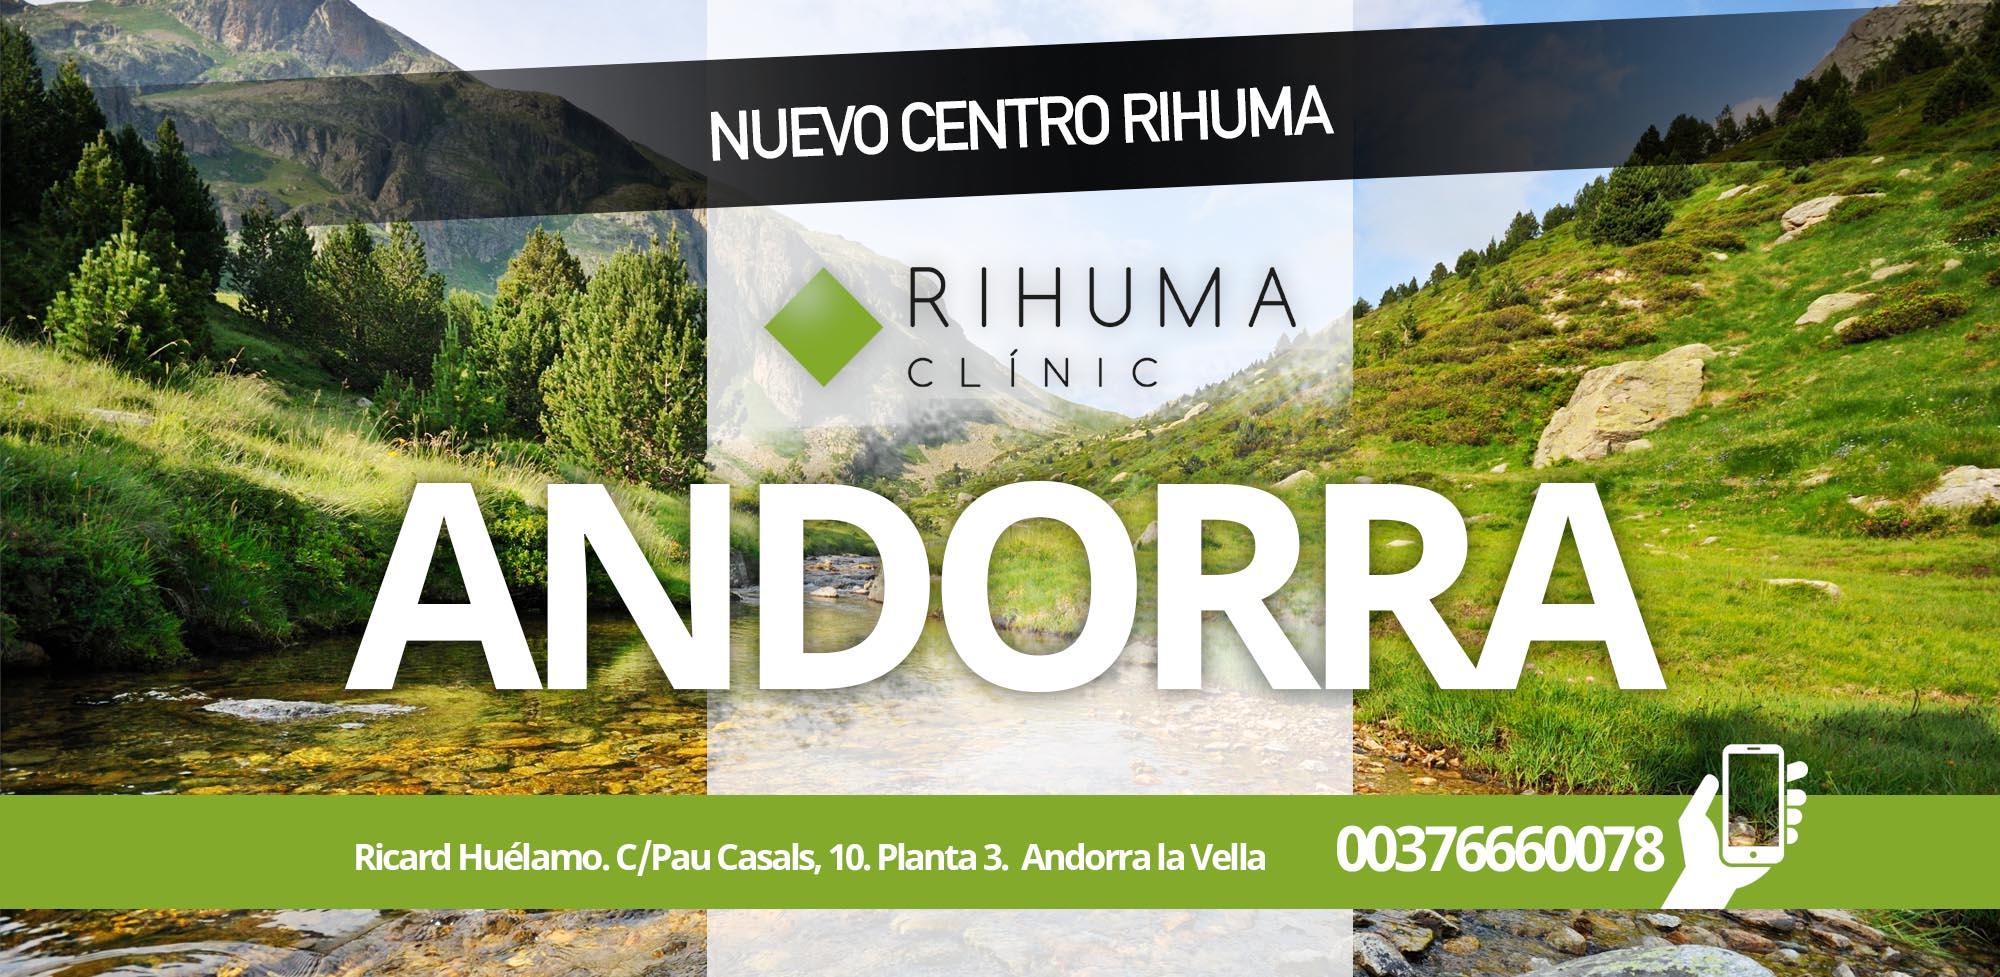 Clínica Rihuma Fisioterapia Ricard Huélamo. C/Pau Casals, 10. Planta 3.  Andorra la Vella